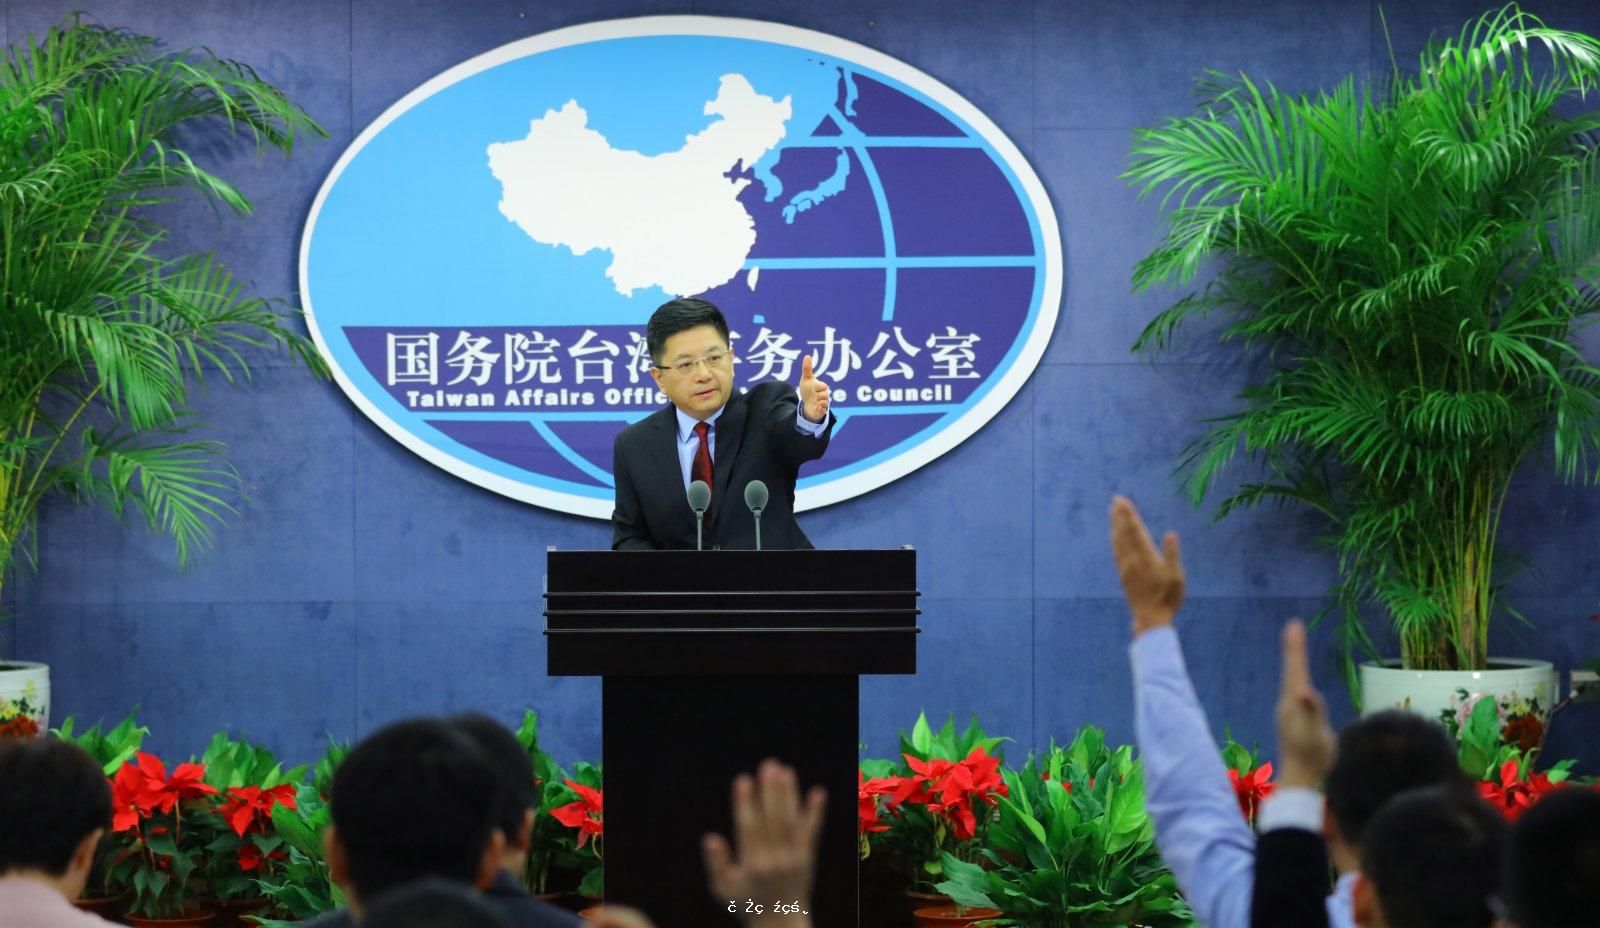 國台辦:敦促美方在台灣問題上明辨是非 謹言慎行